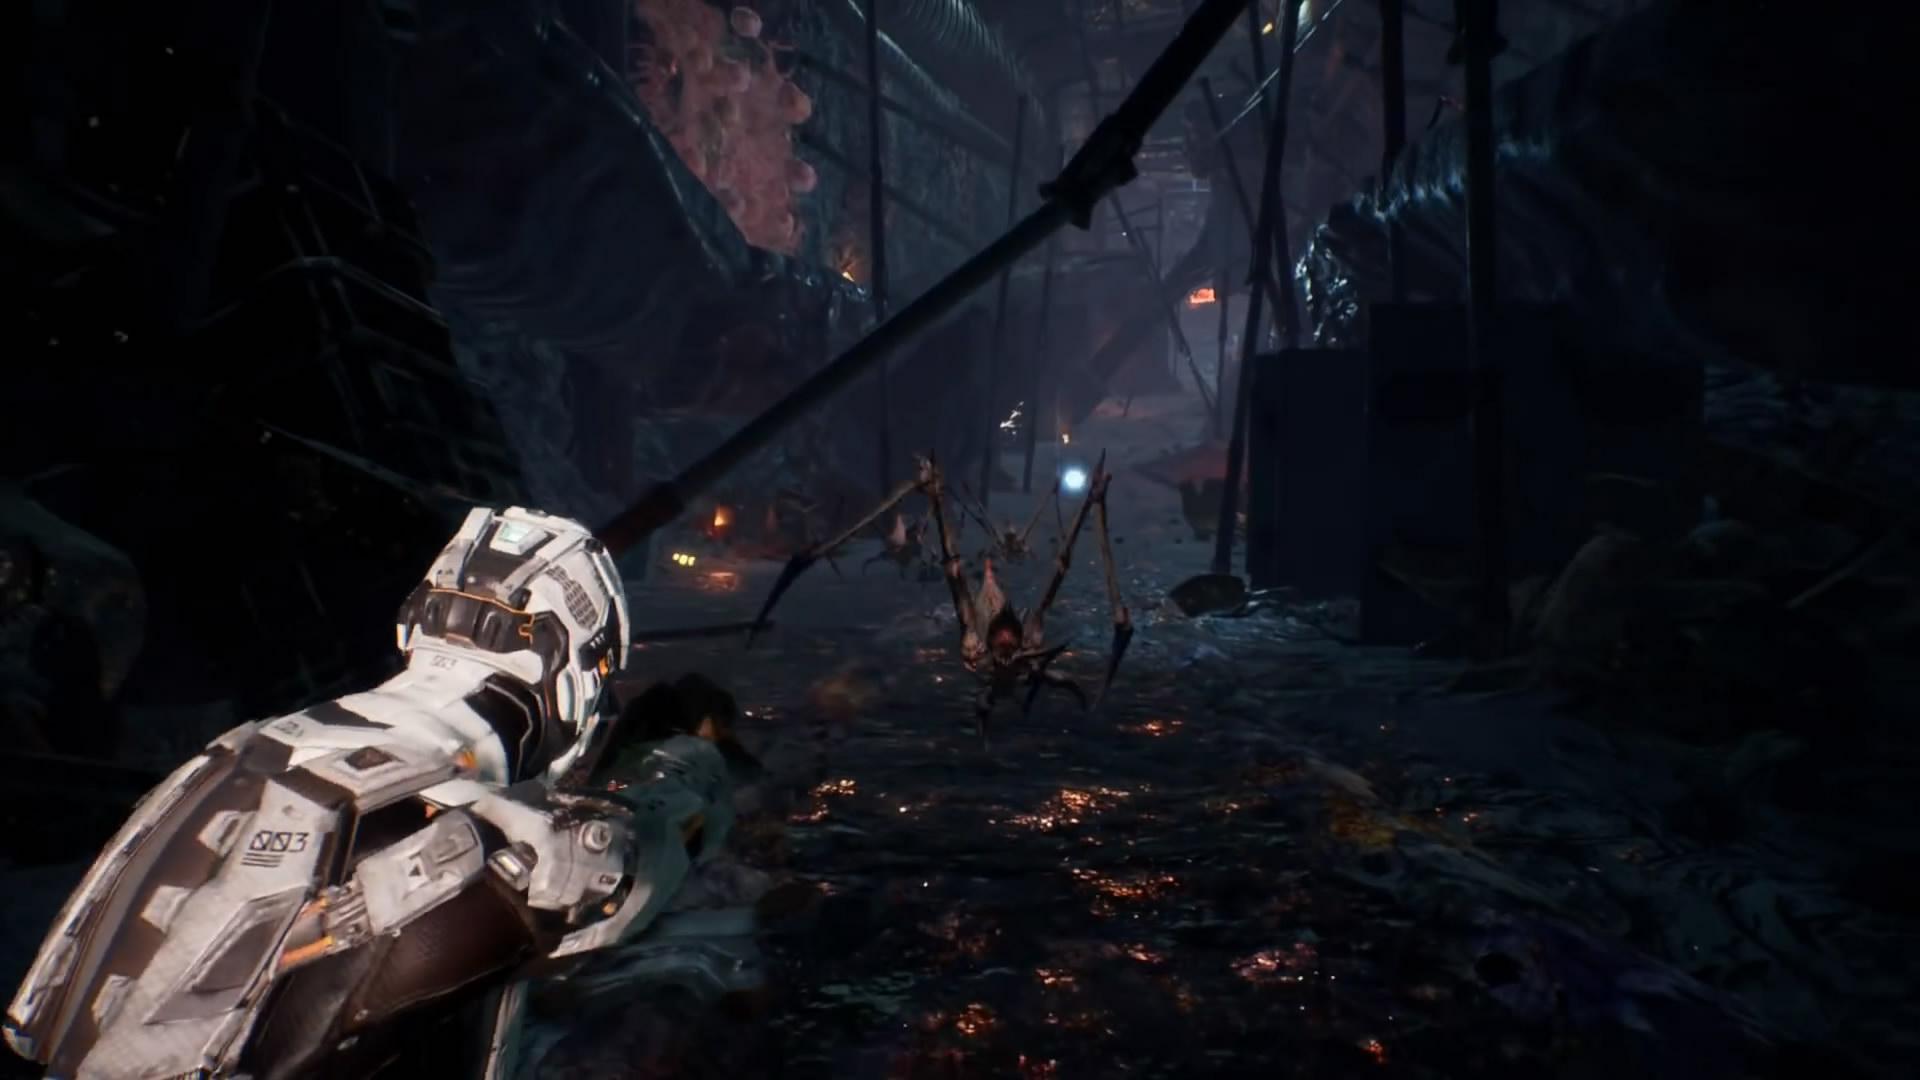 美工设计团队_科幻动作游戏《Dolmen》预告 黑魂与死亡空间合体_www.3dmgame.com